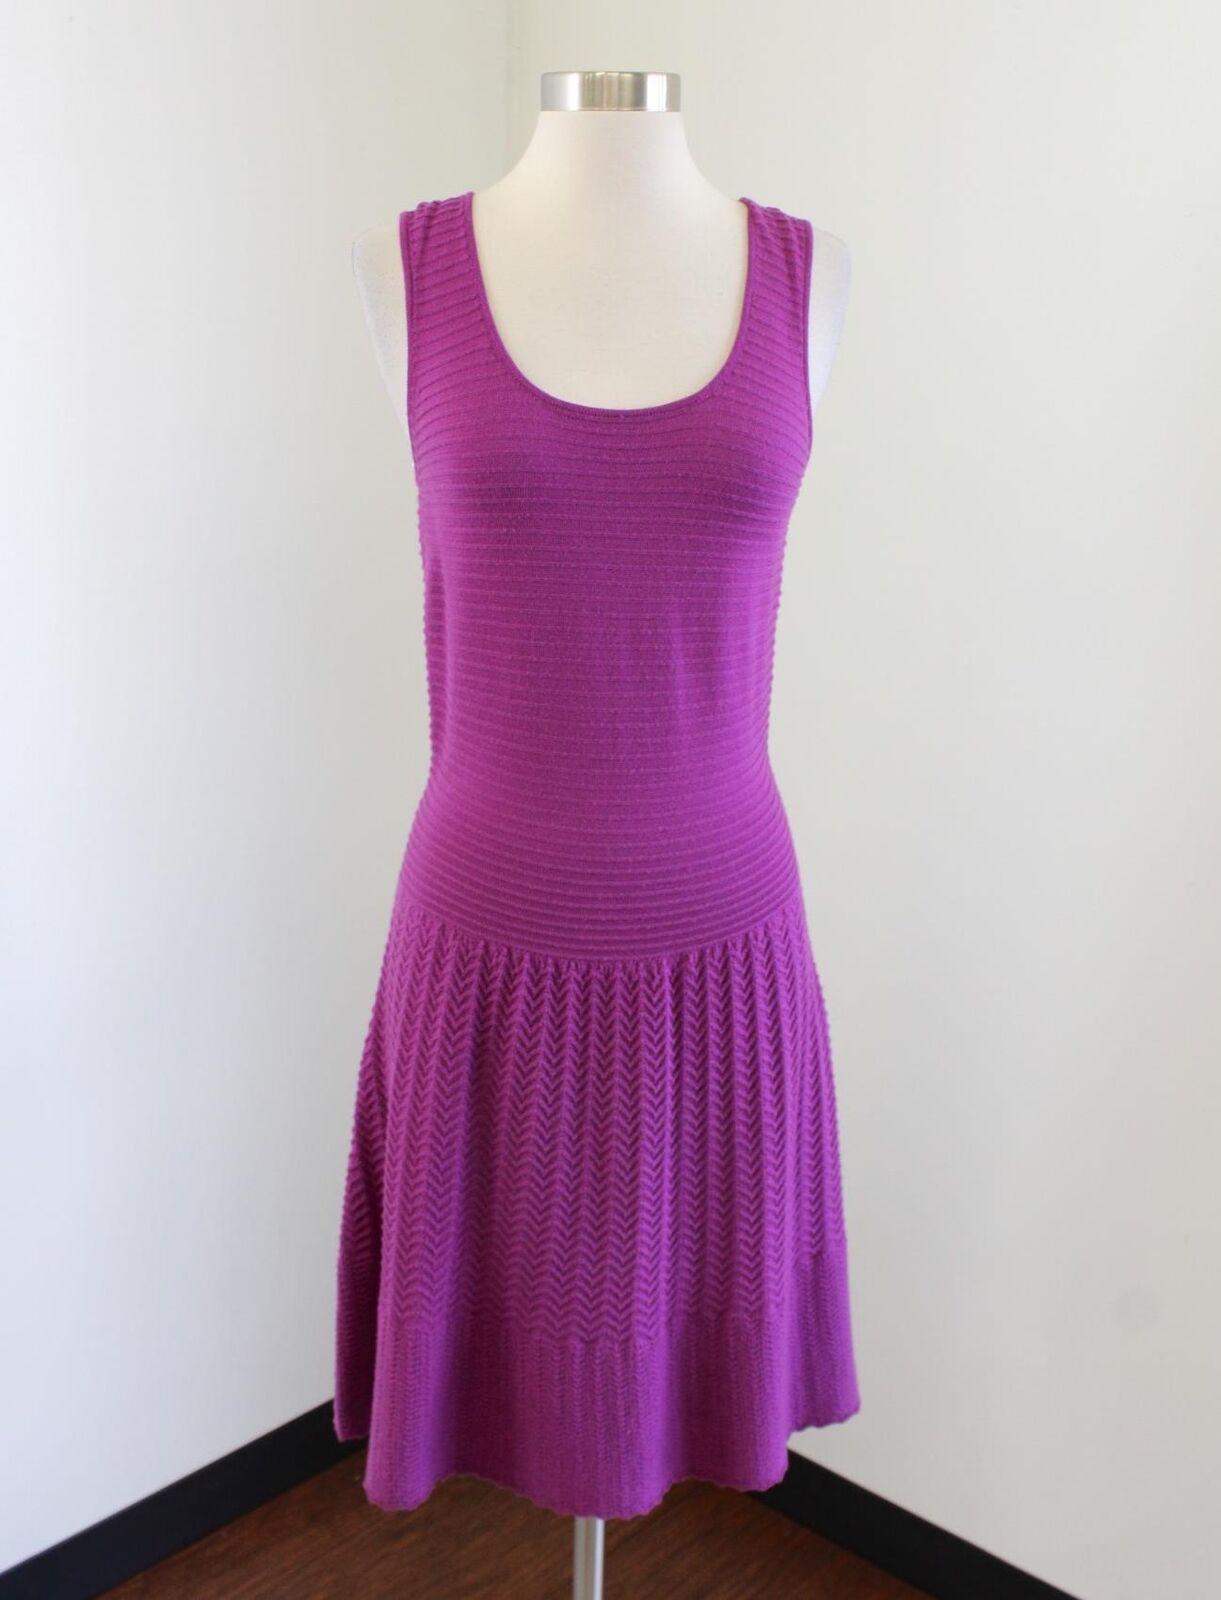 NWT Lilly Pulitzer Womens Purple Jezebel Sweater Dress Merino Wool Size M